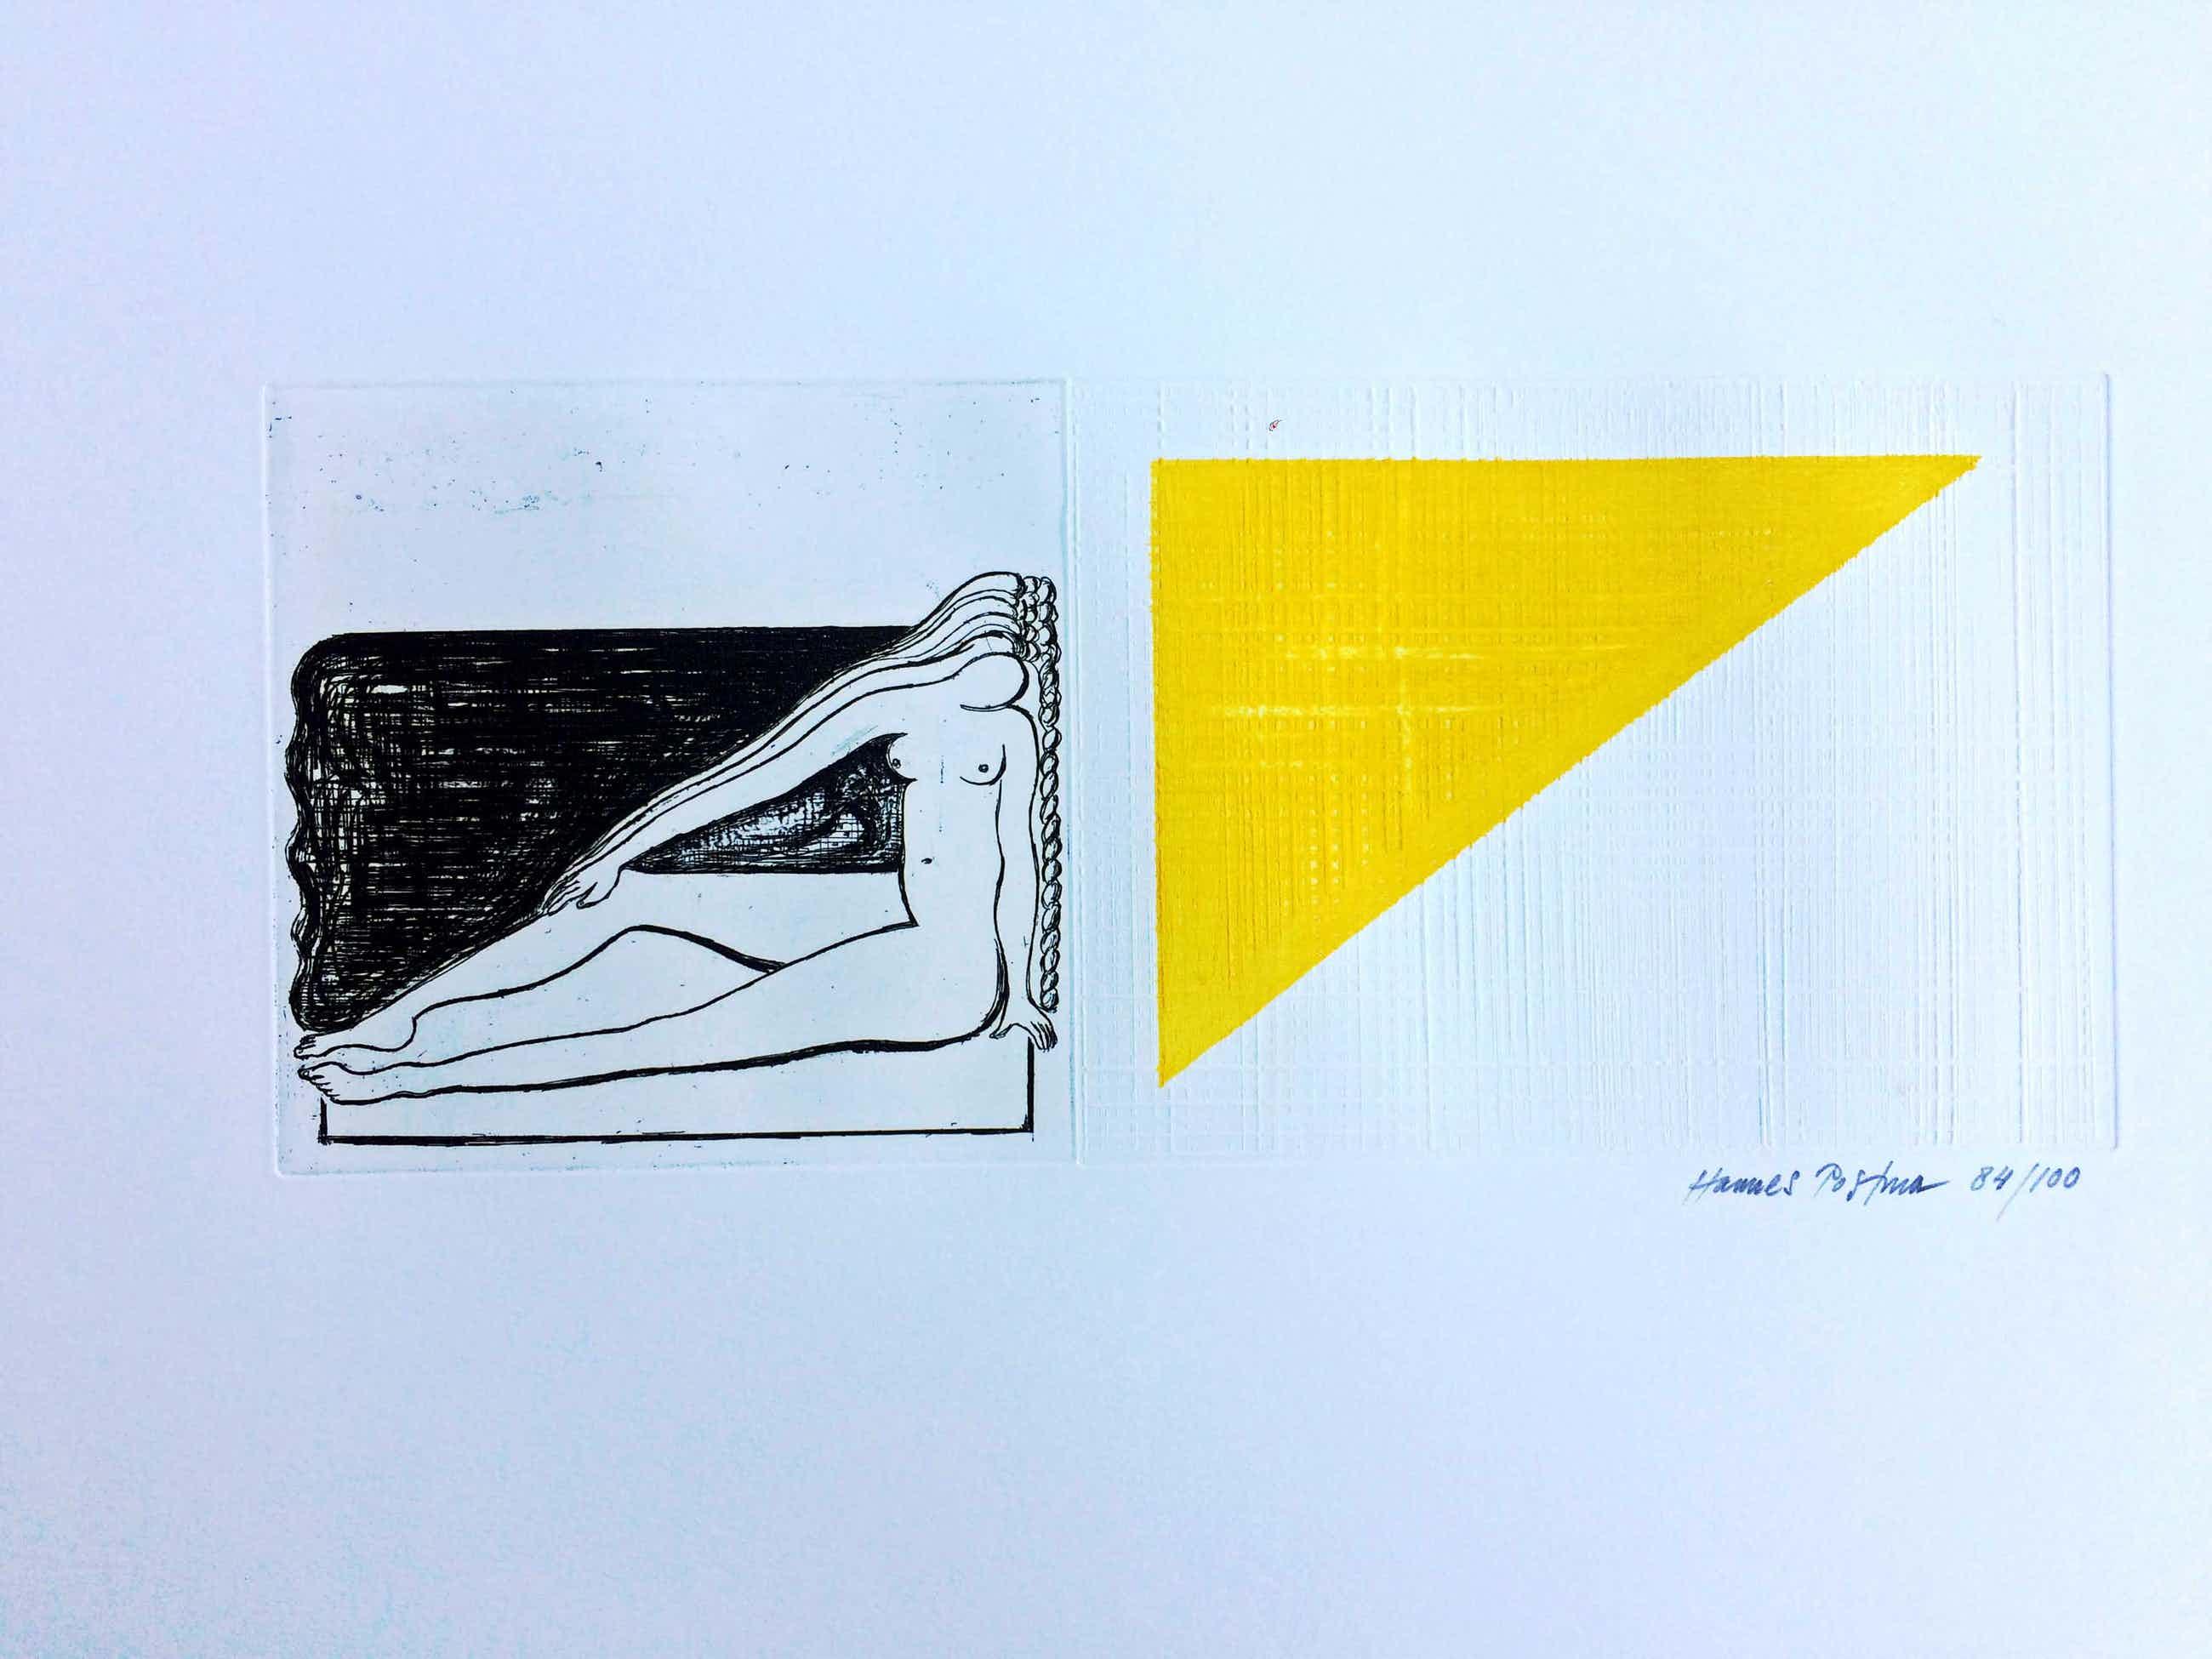 Hannes Postma - Erotische driehoek - ets kopen? Bied vanaf 55!